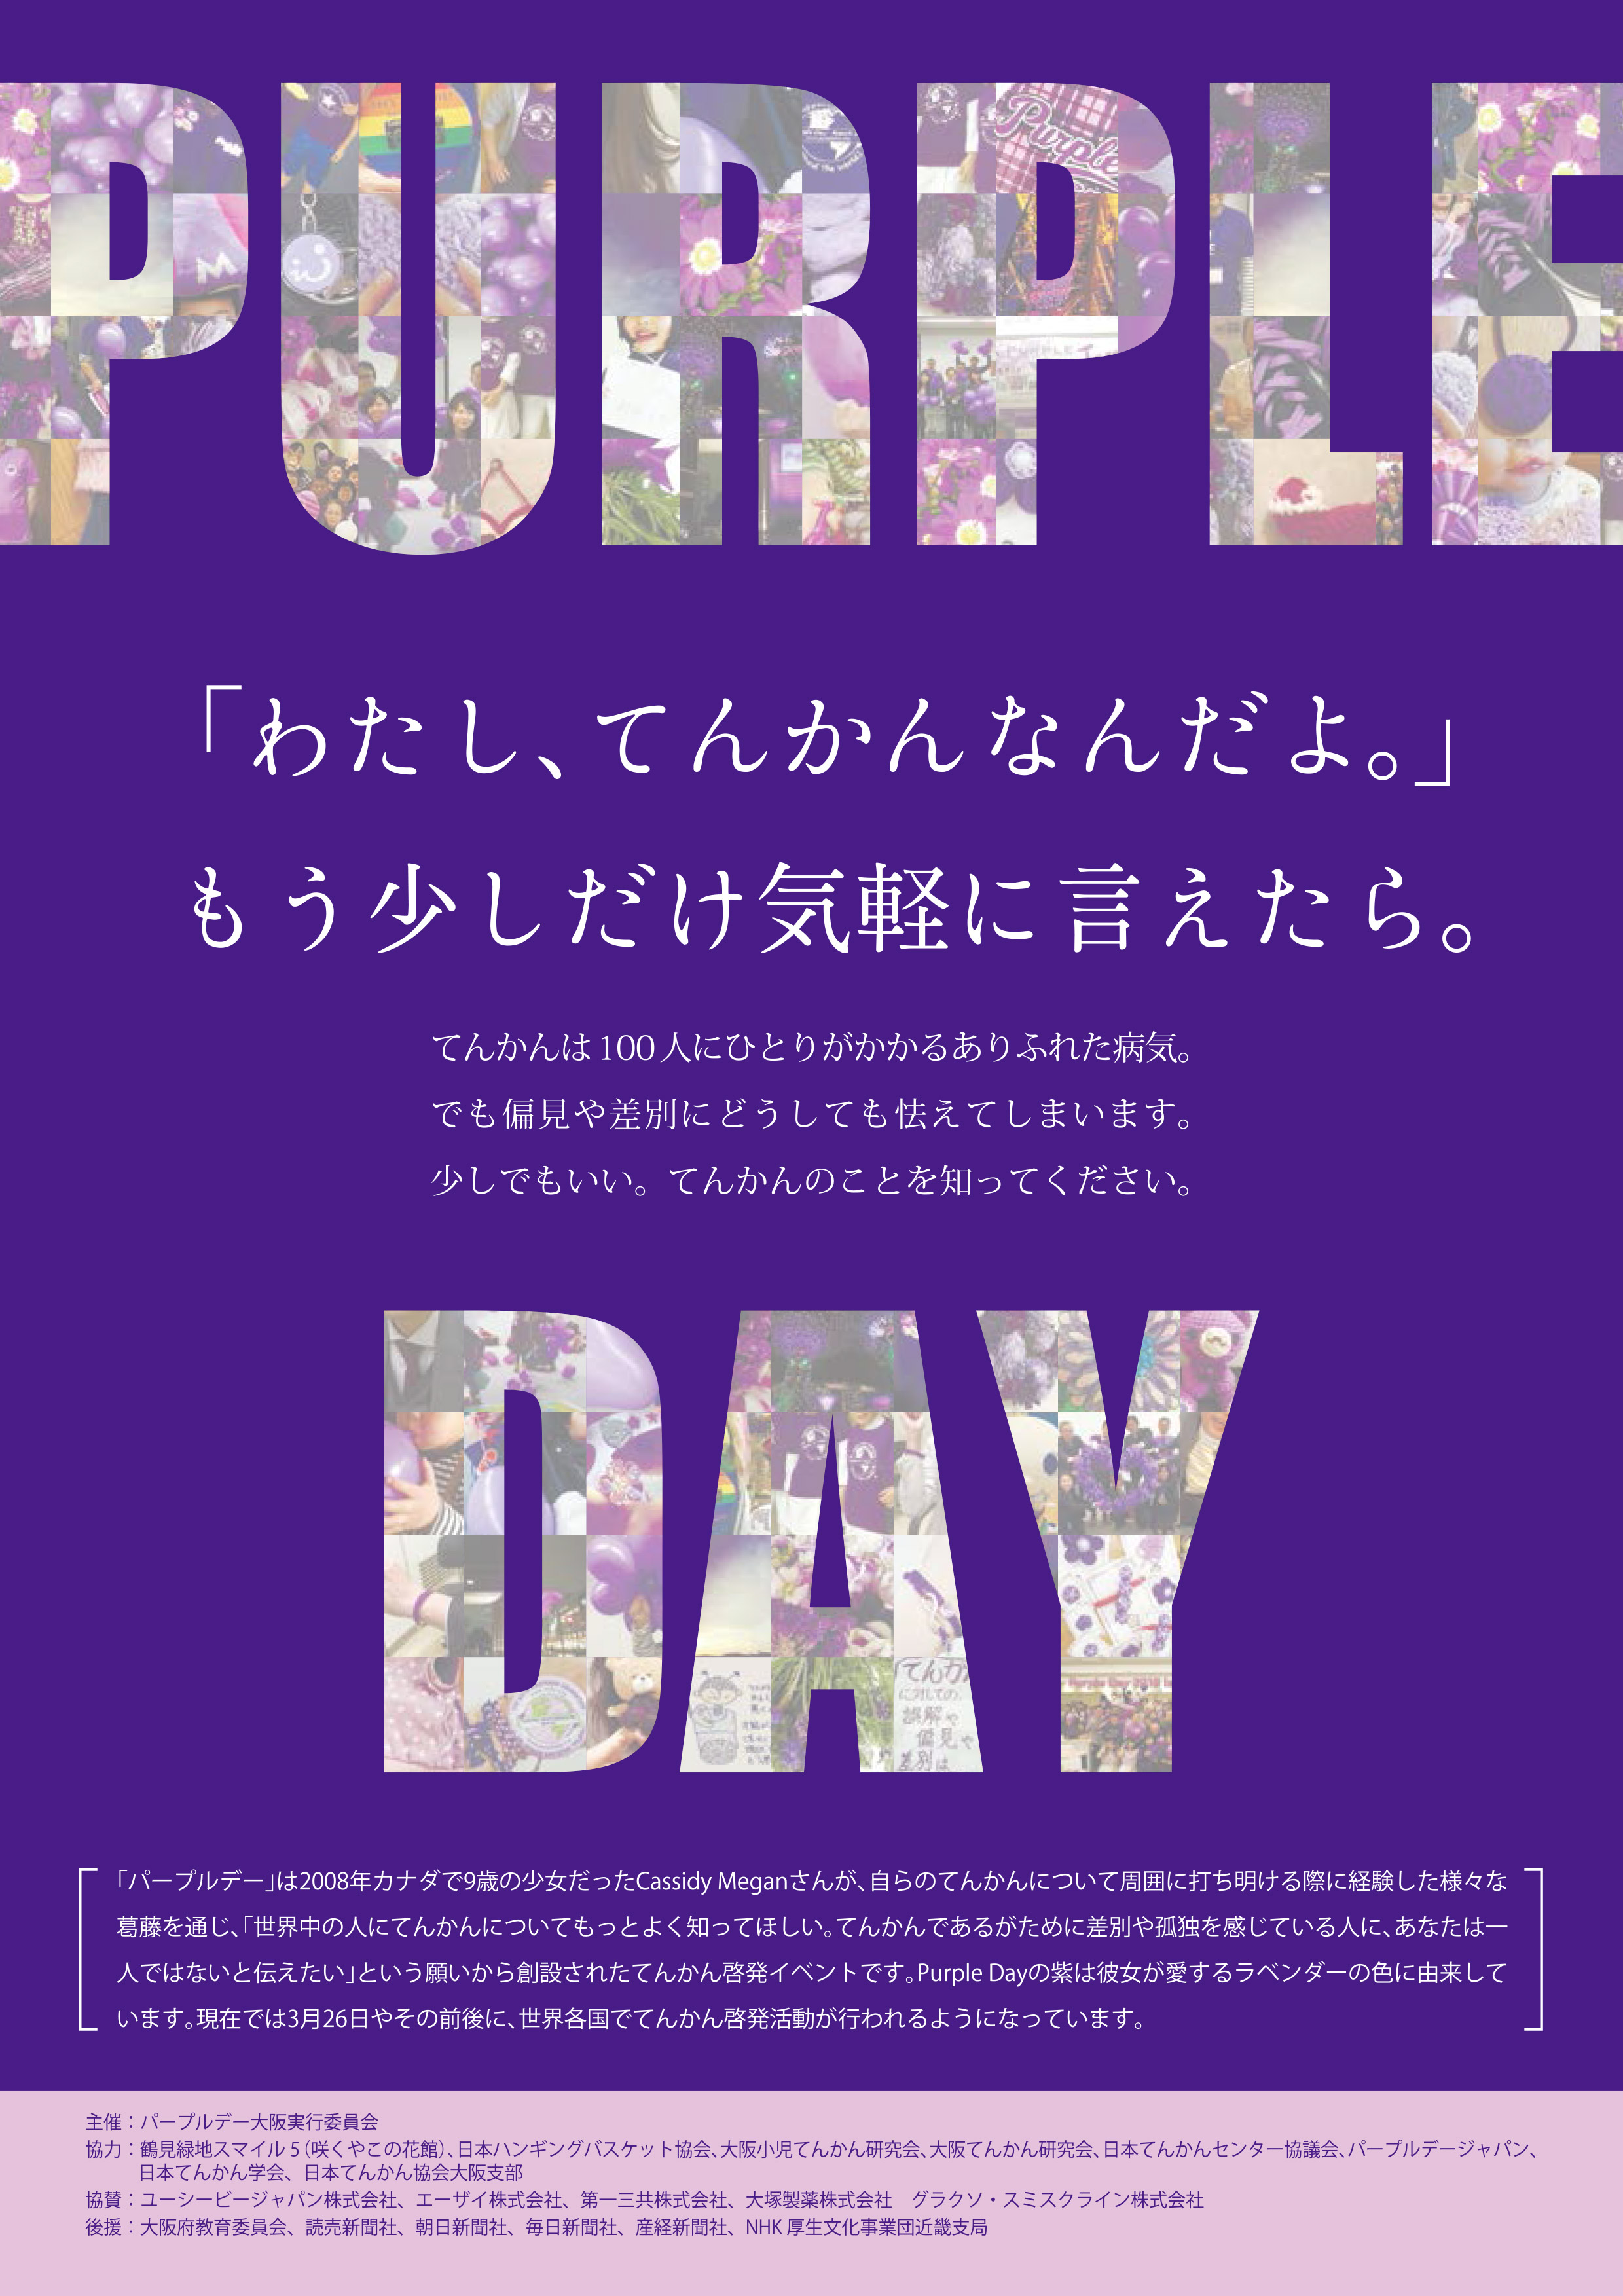 イベントポスター チラシ パープルデイ大阪 purple day osaka